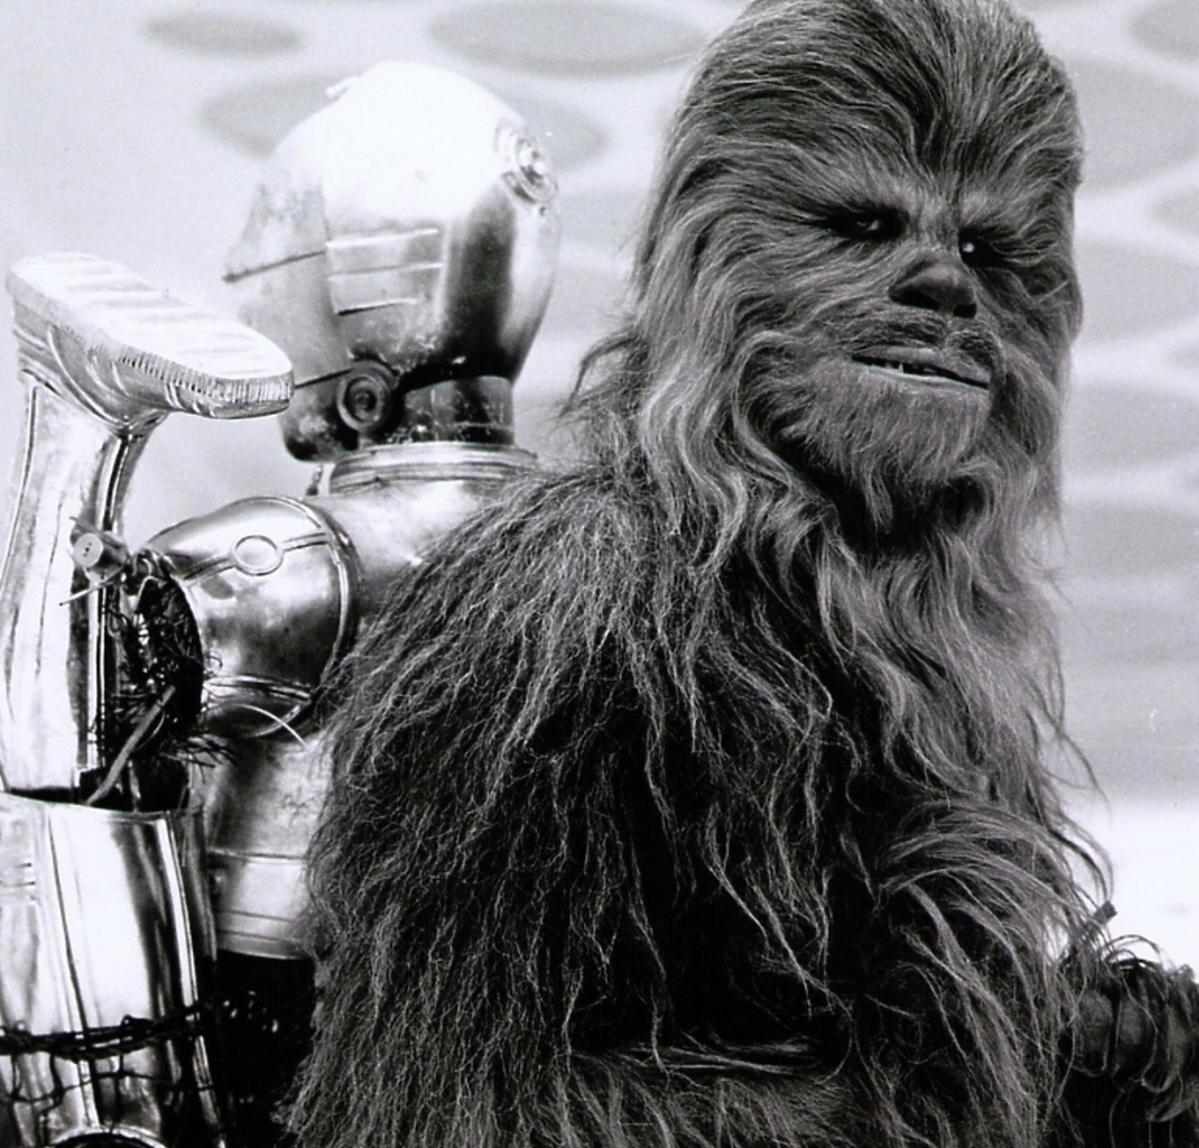 Peter Mayhew jako Chewbacca w